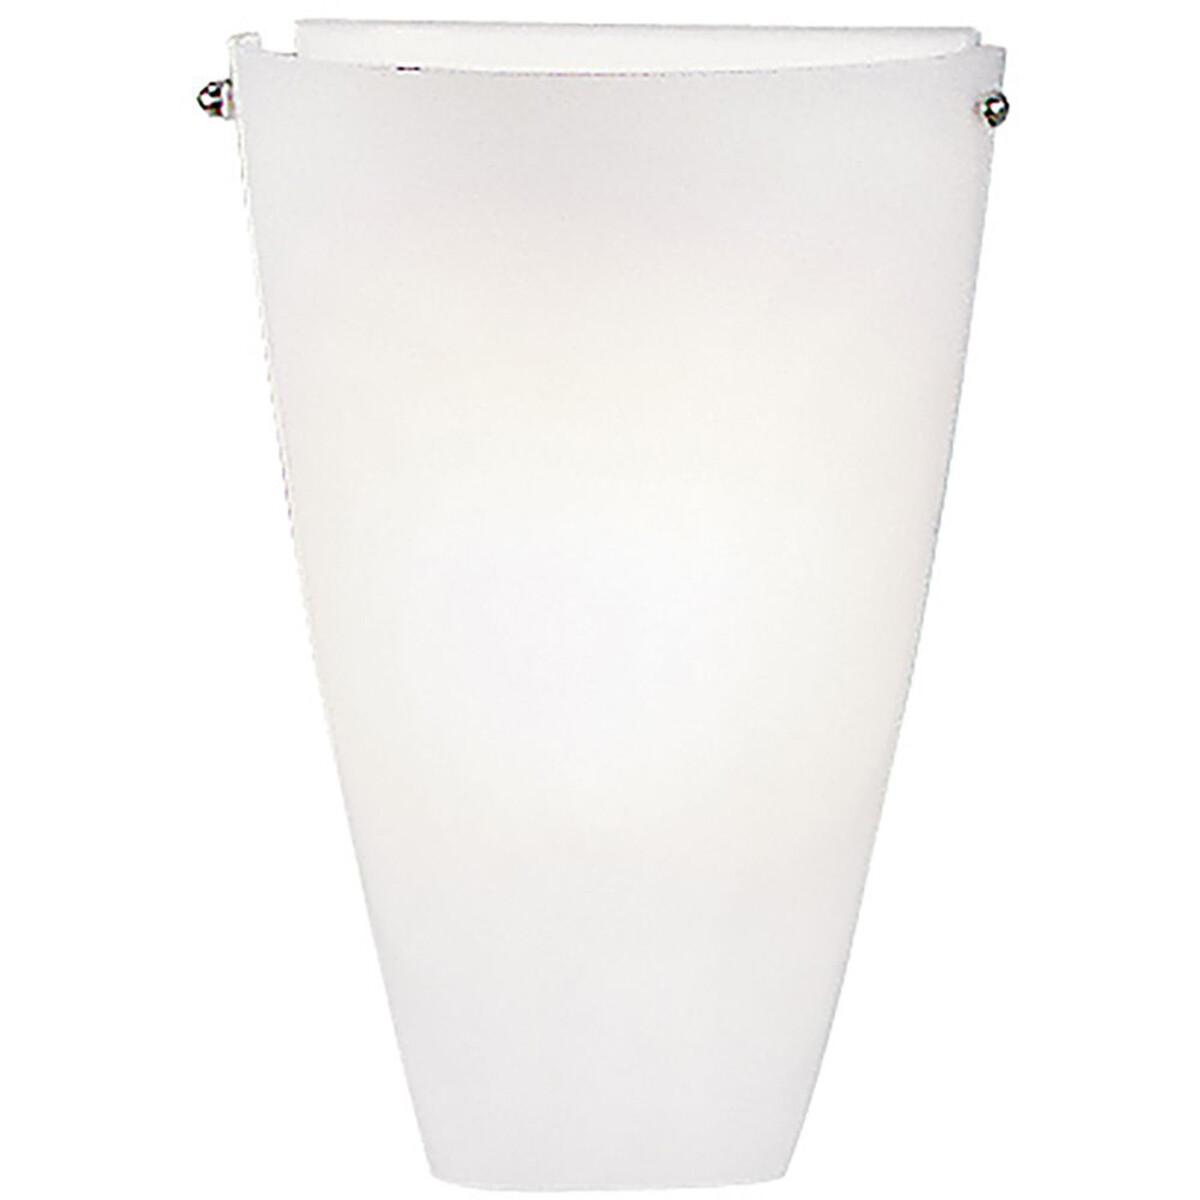 LED Wandlamp - Wandverlichting - Trion Miran - E27 Fitting - Rechthoek - Mat Grijs - Aluminium